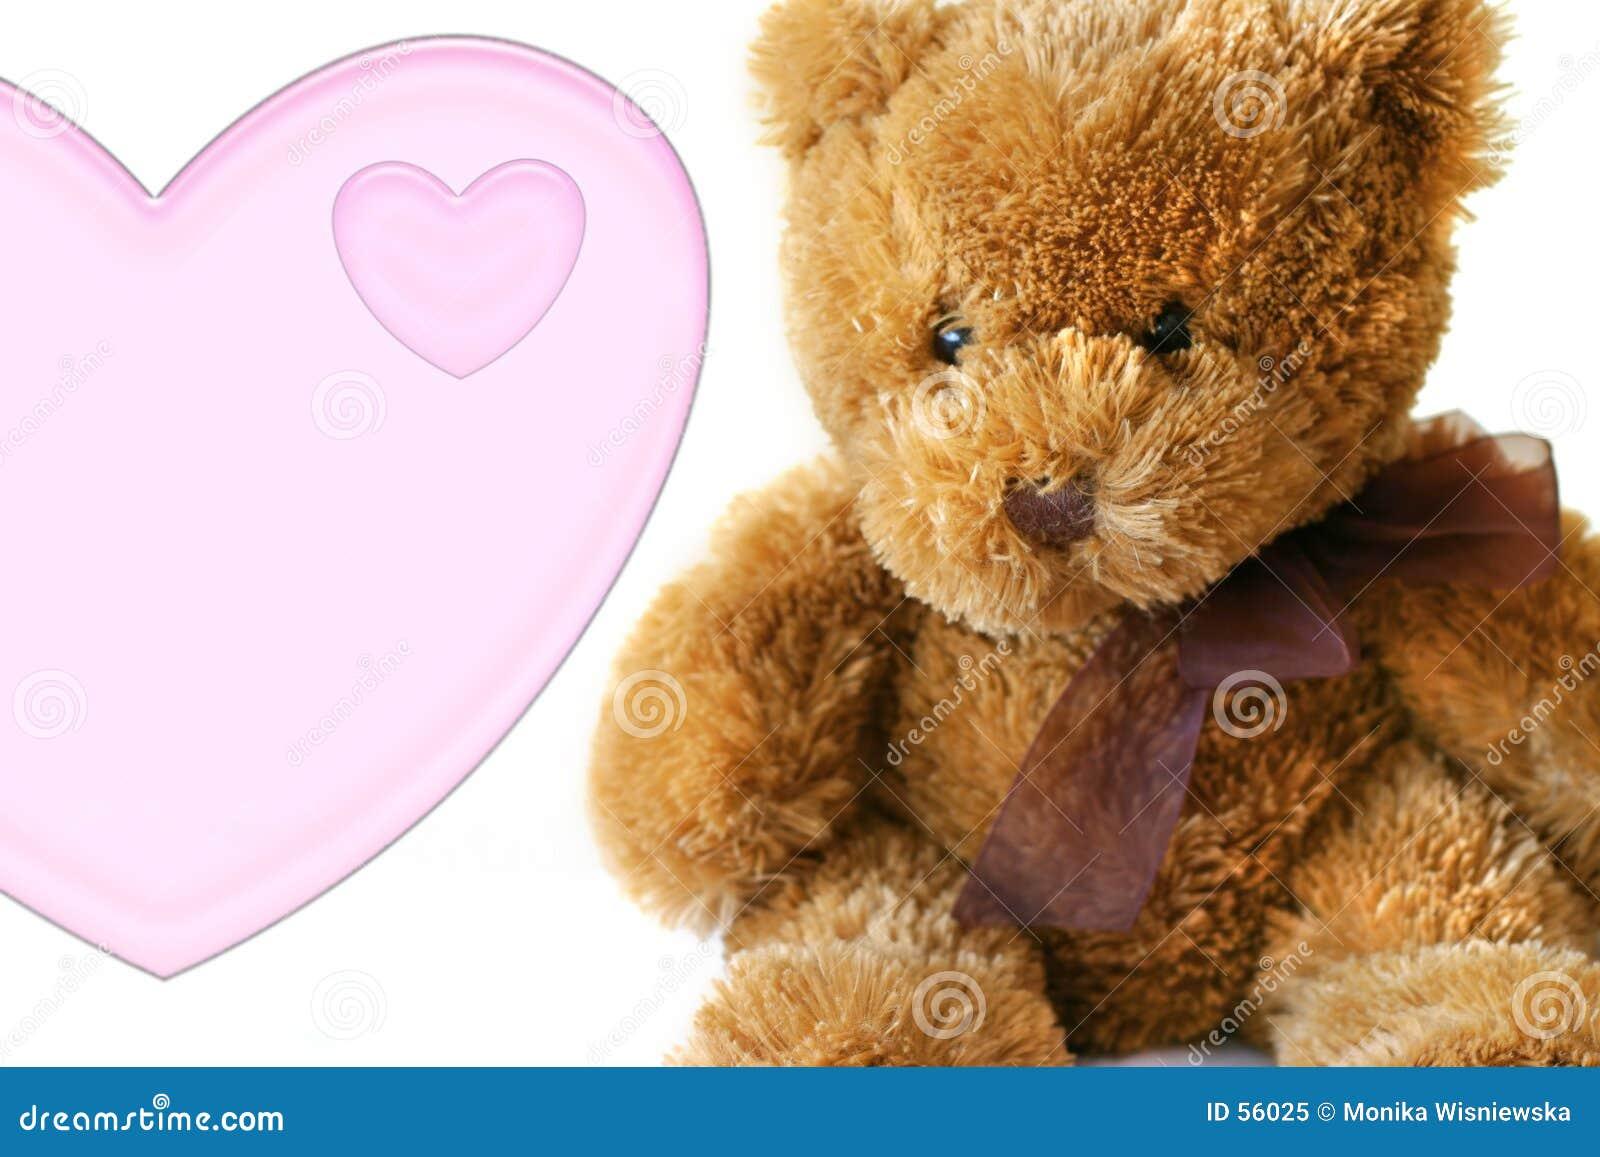 Valentijnskaarten - Teddybear met Hart